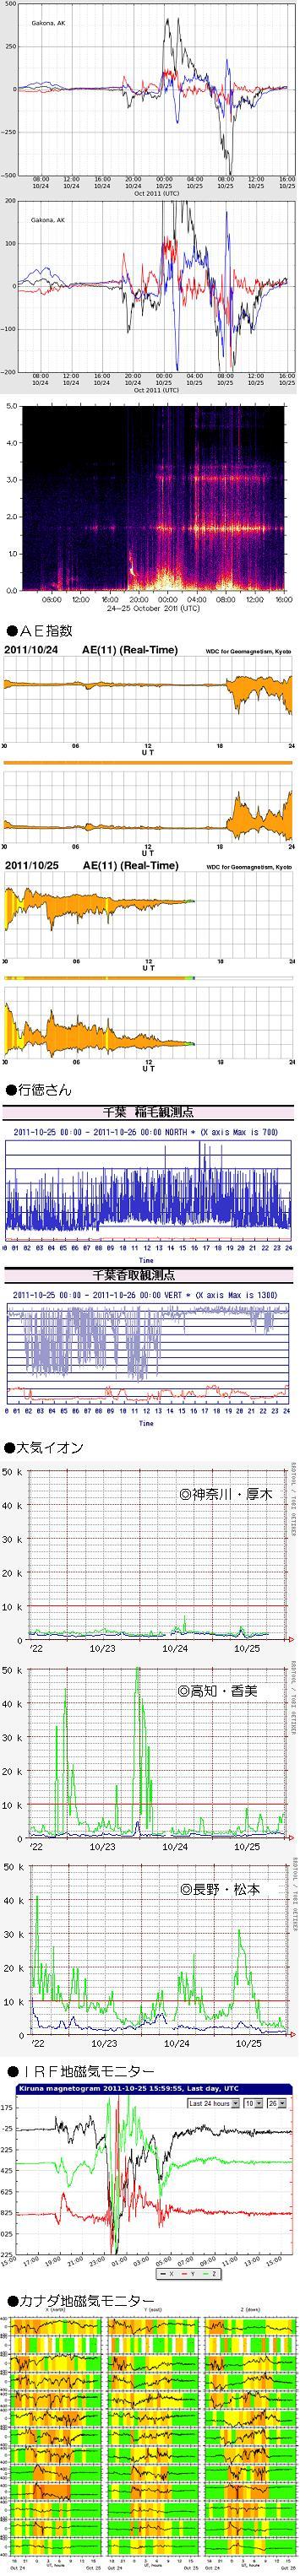 1026-1 データ